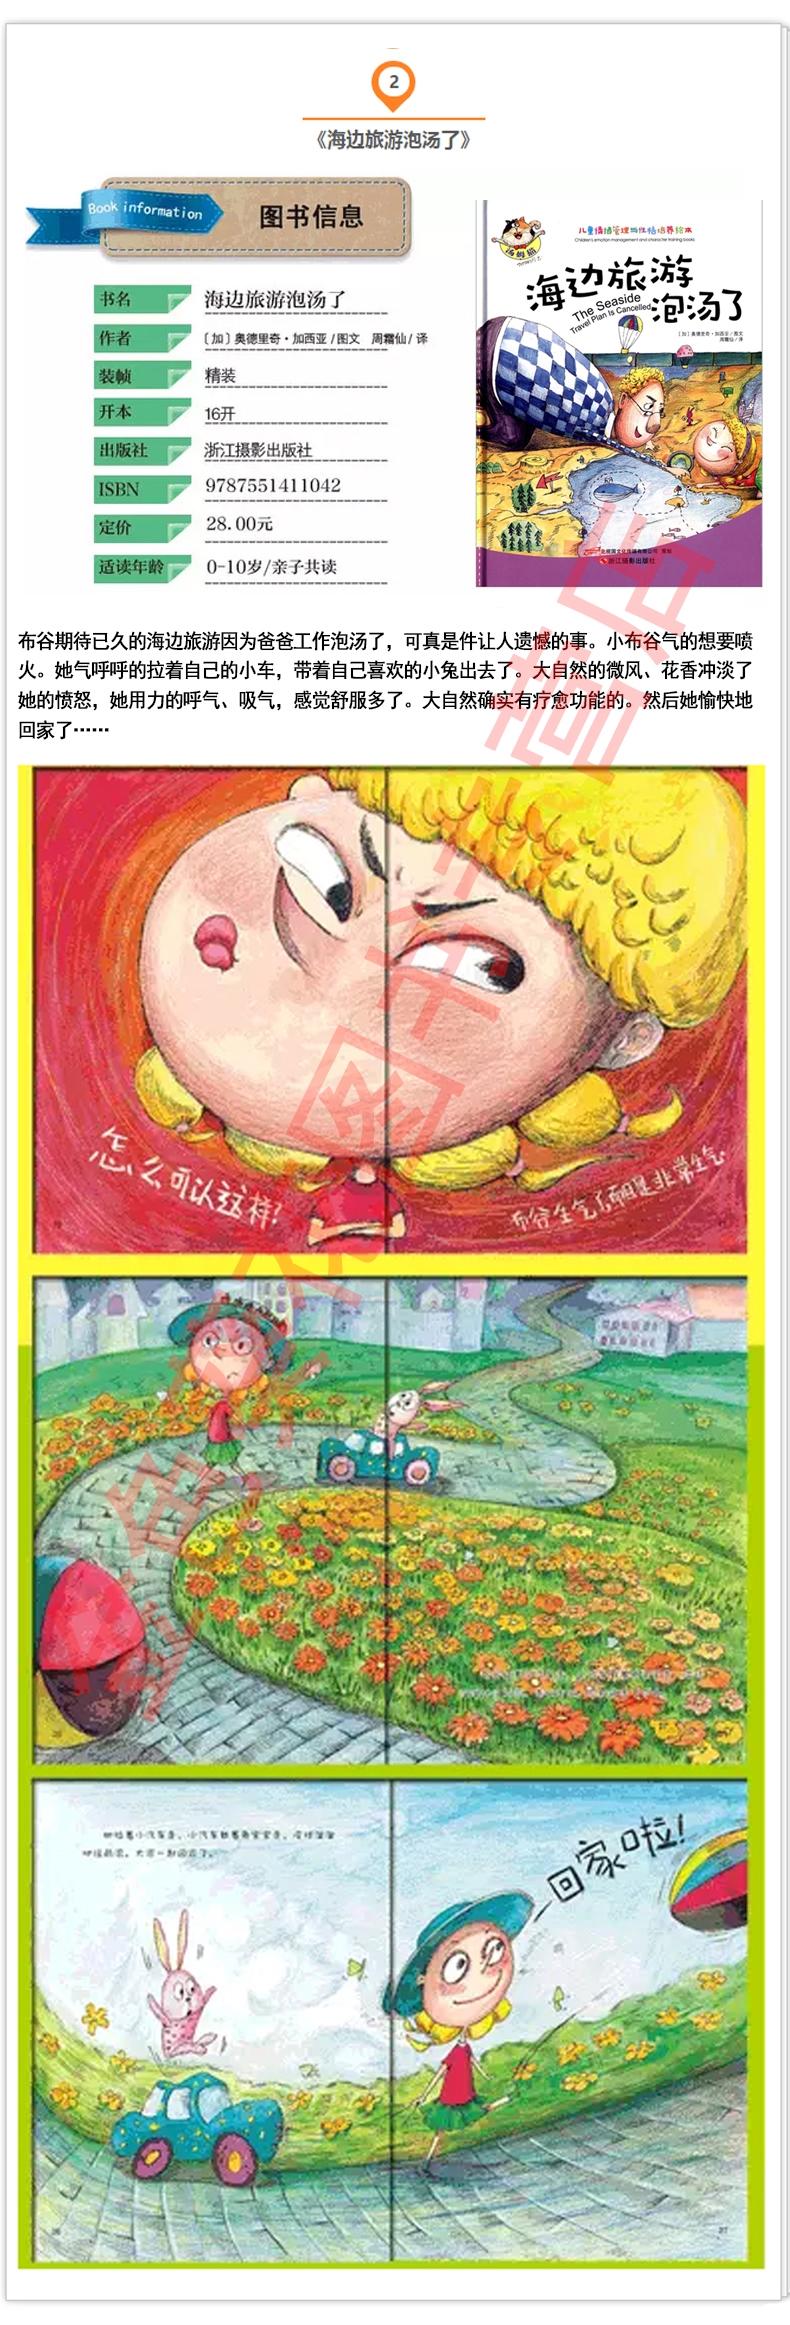 【幼儿园用书 硬皮/硬壳绘本】全6册家庭绘本 火山妈妈和乌云爸爸